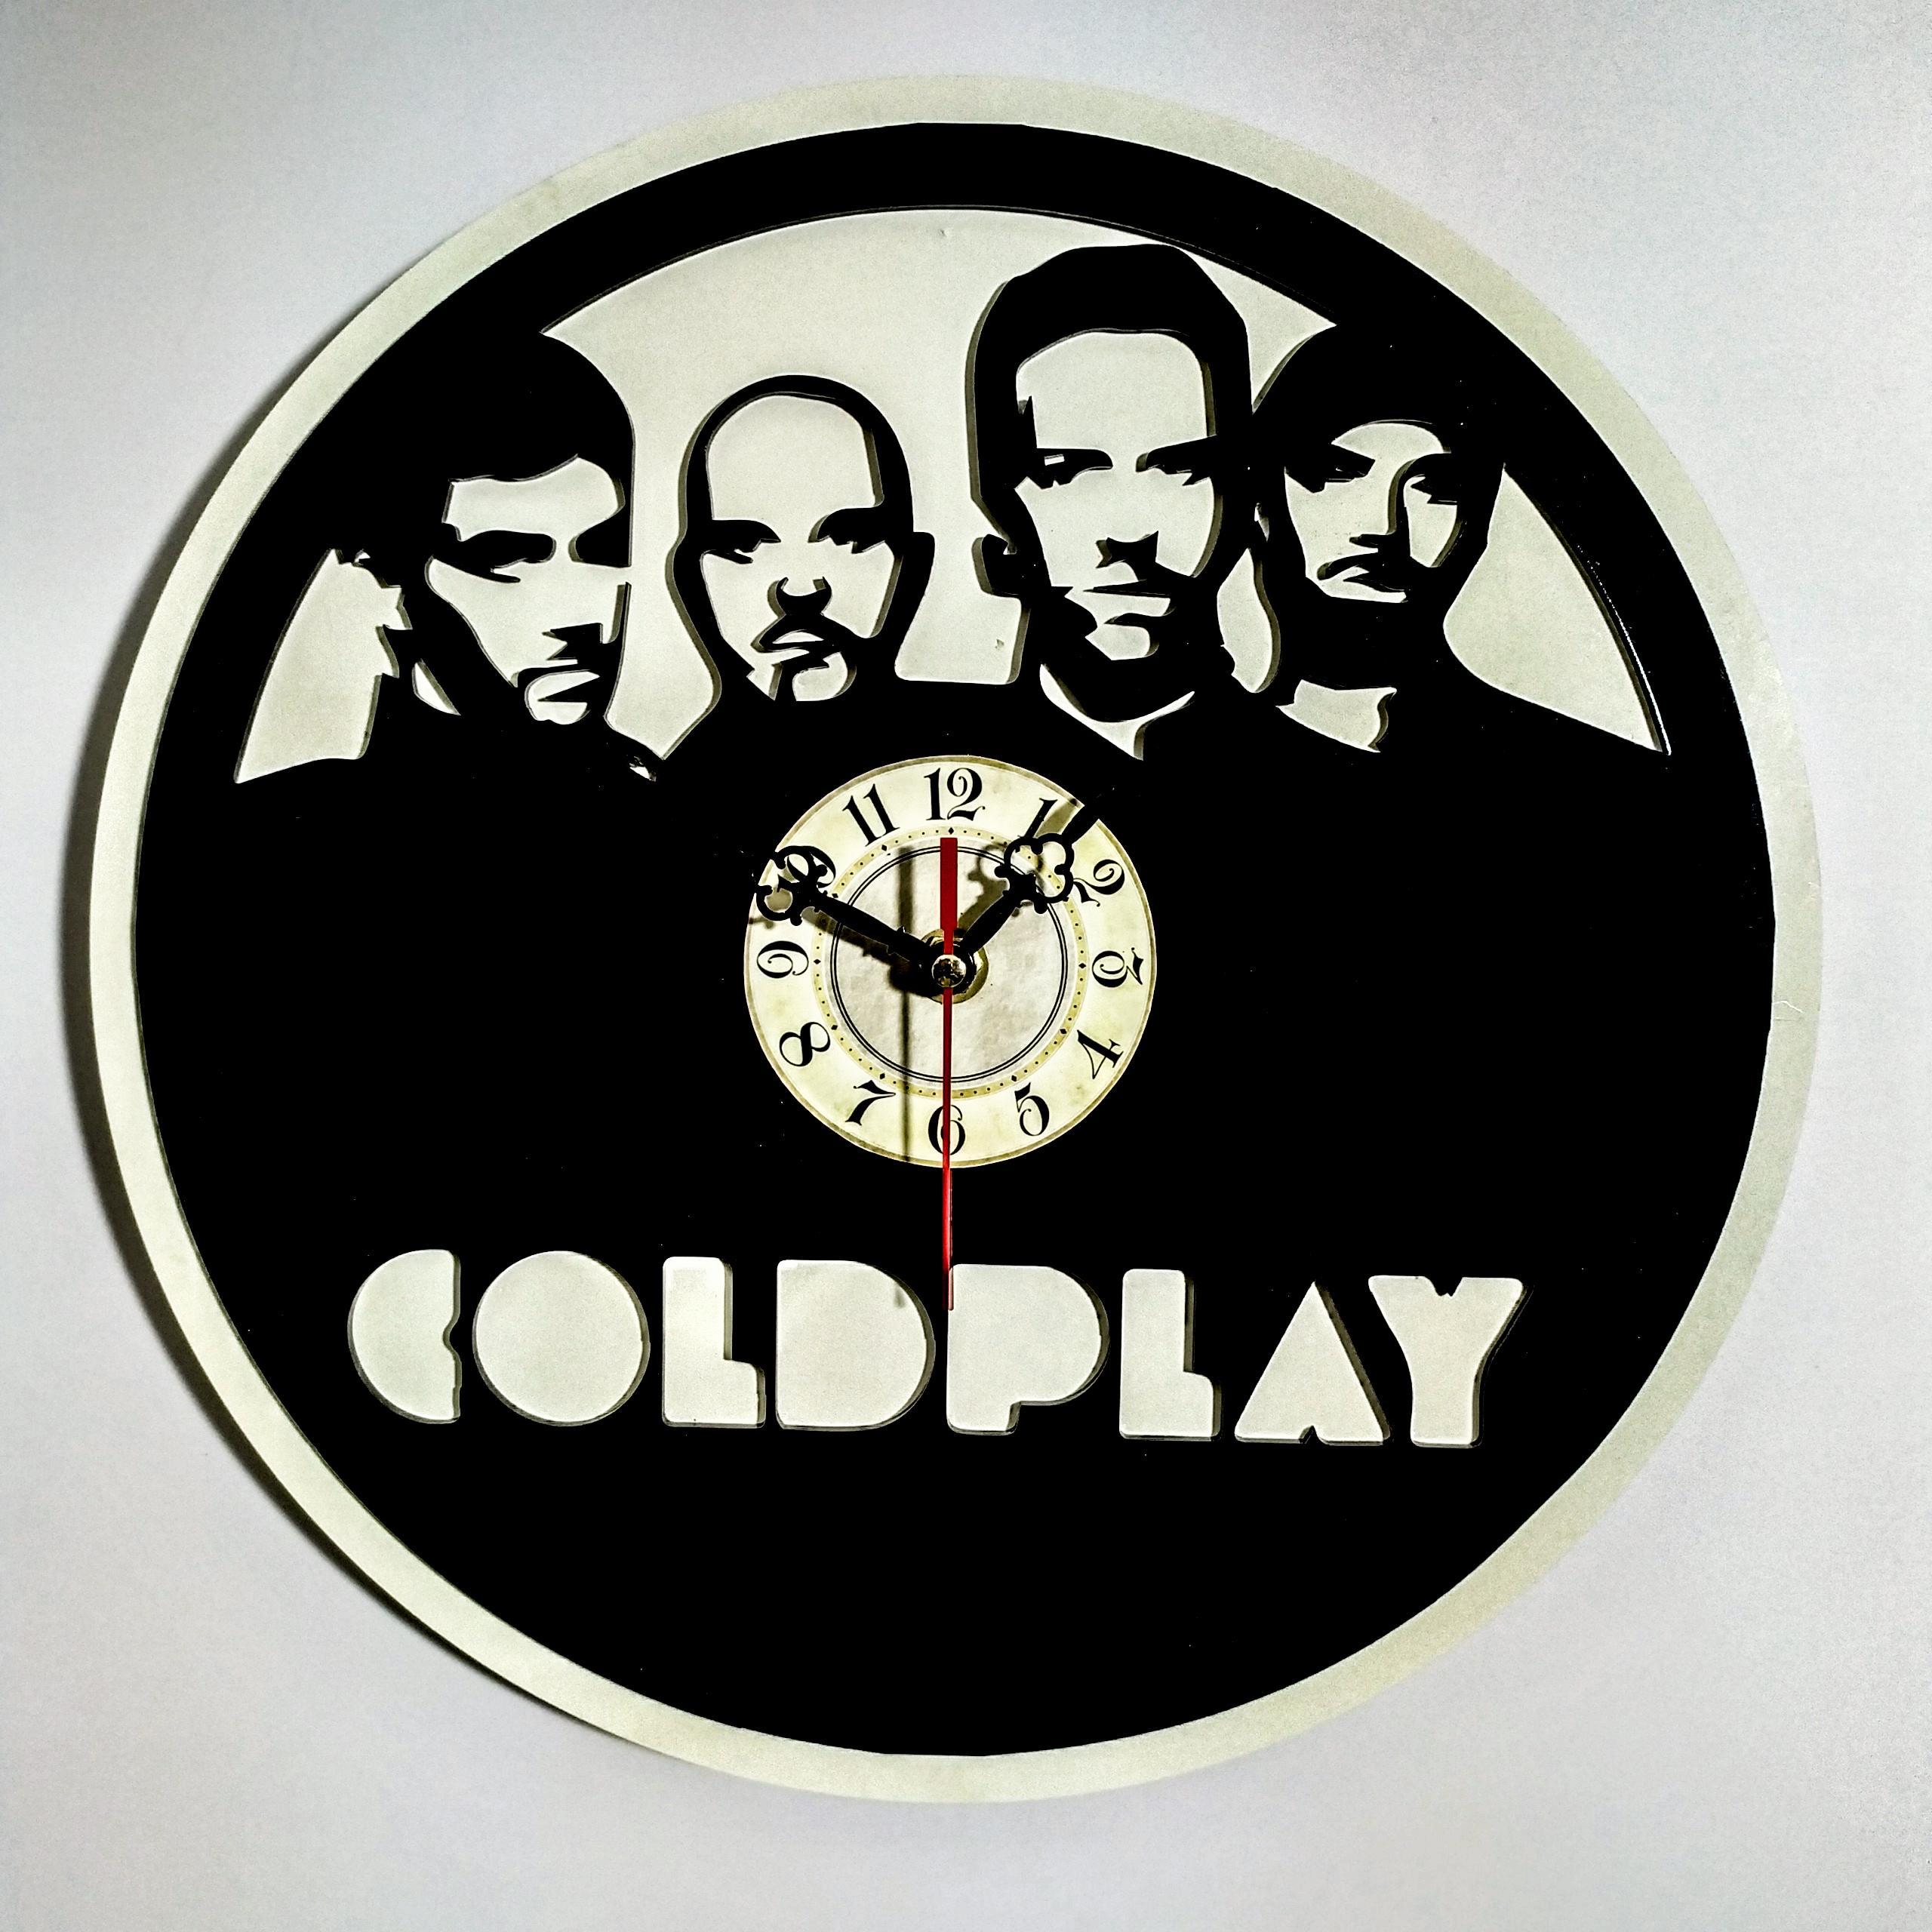 Đồng hồ treo tường độc đáo - ban nhạc Coldplay